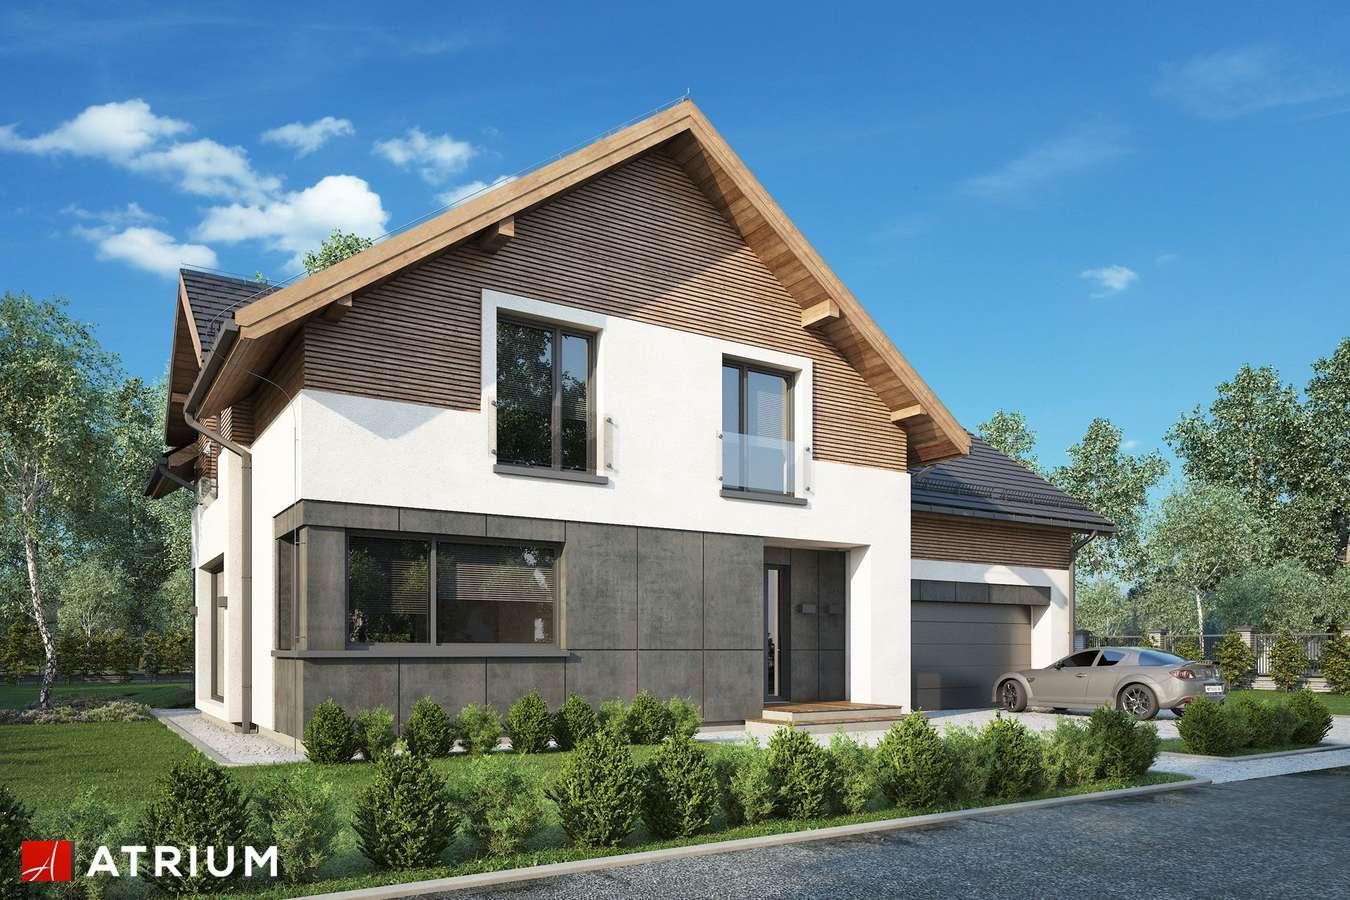 Projekty domów - Projekt domu z poddaszem JUPITER XVI - wizualizacja 1